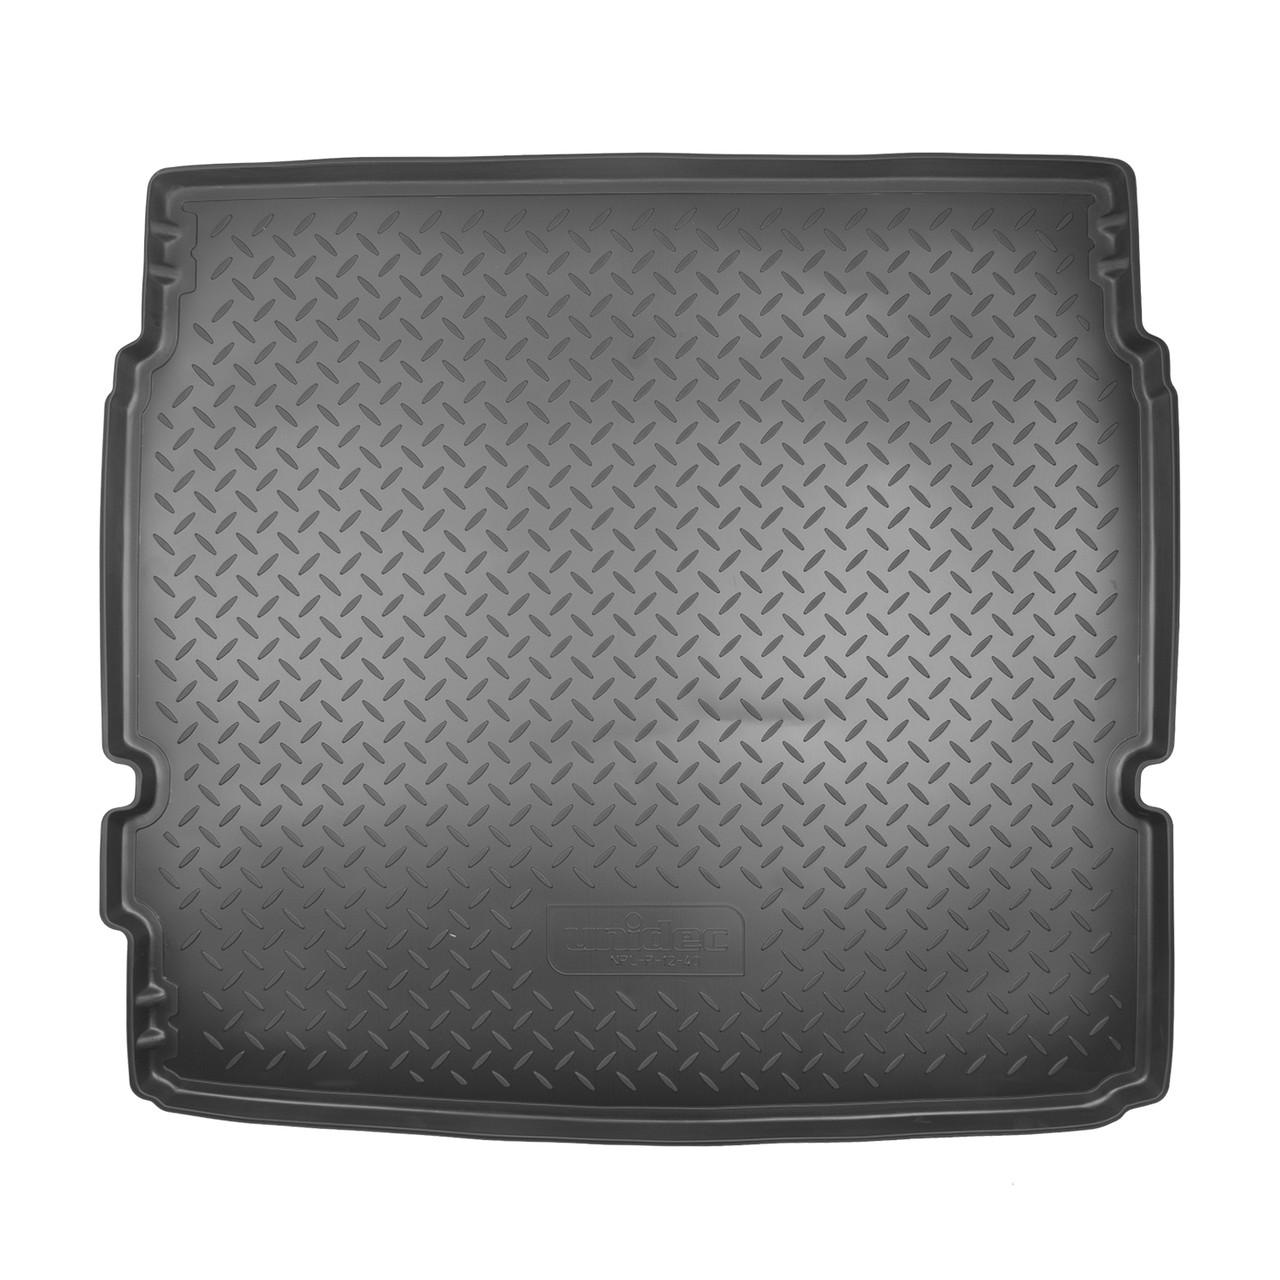 Коврик в багажник Chevrolet Orlando 5 мест (2011-2015)